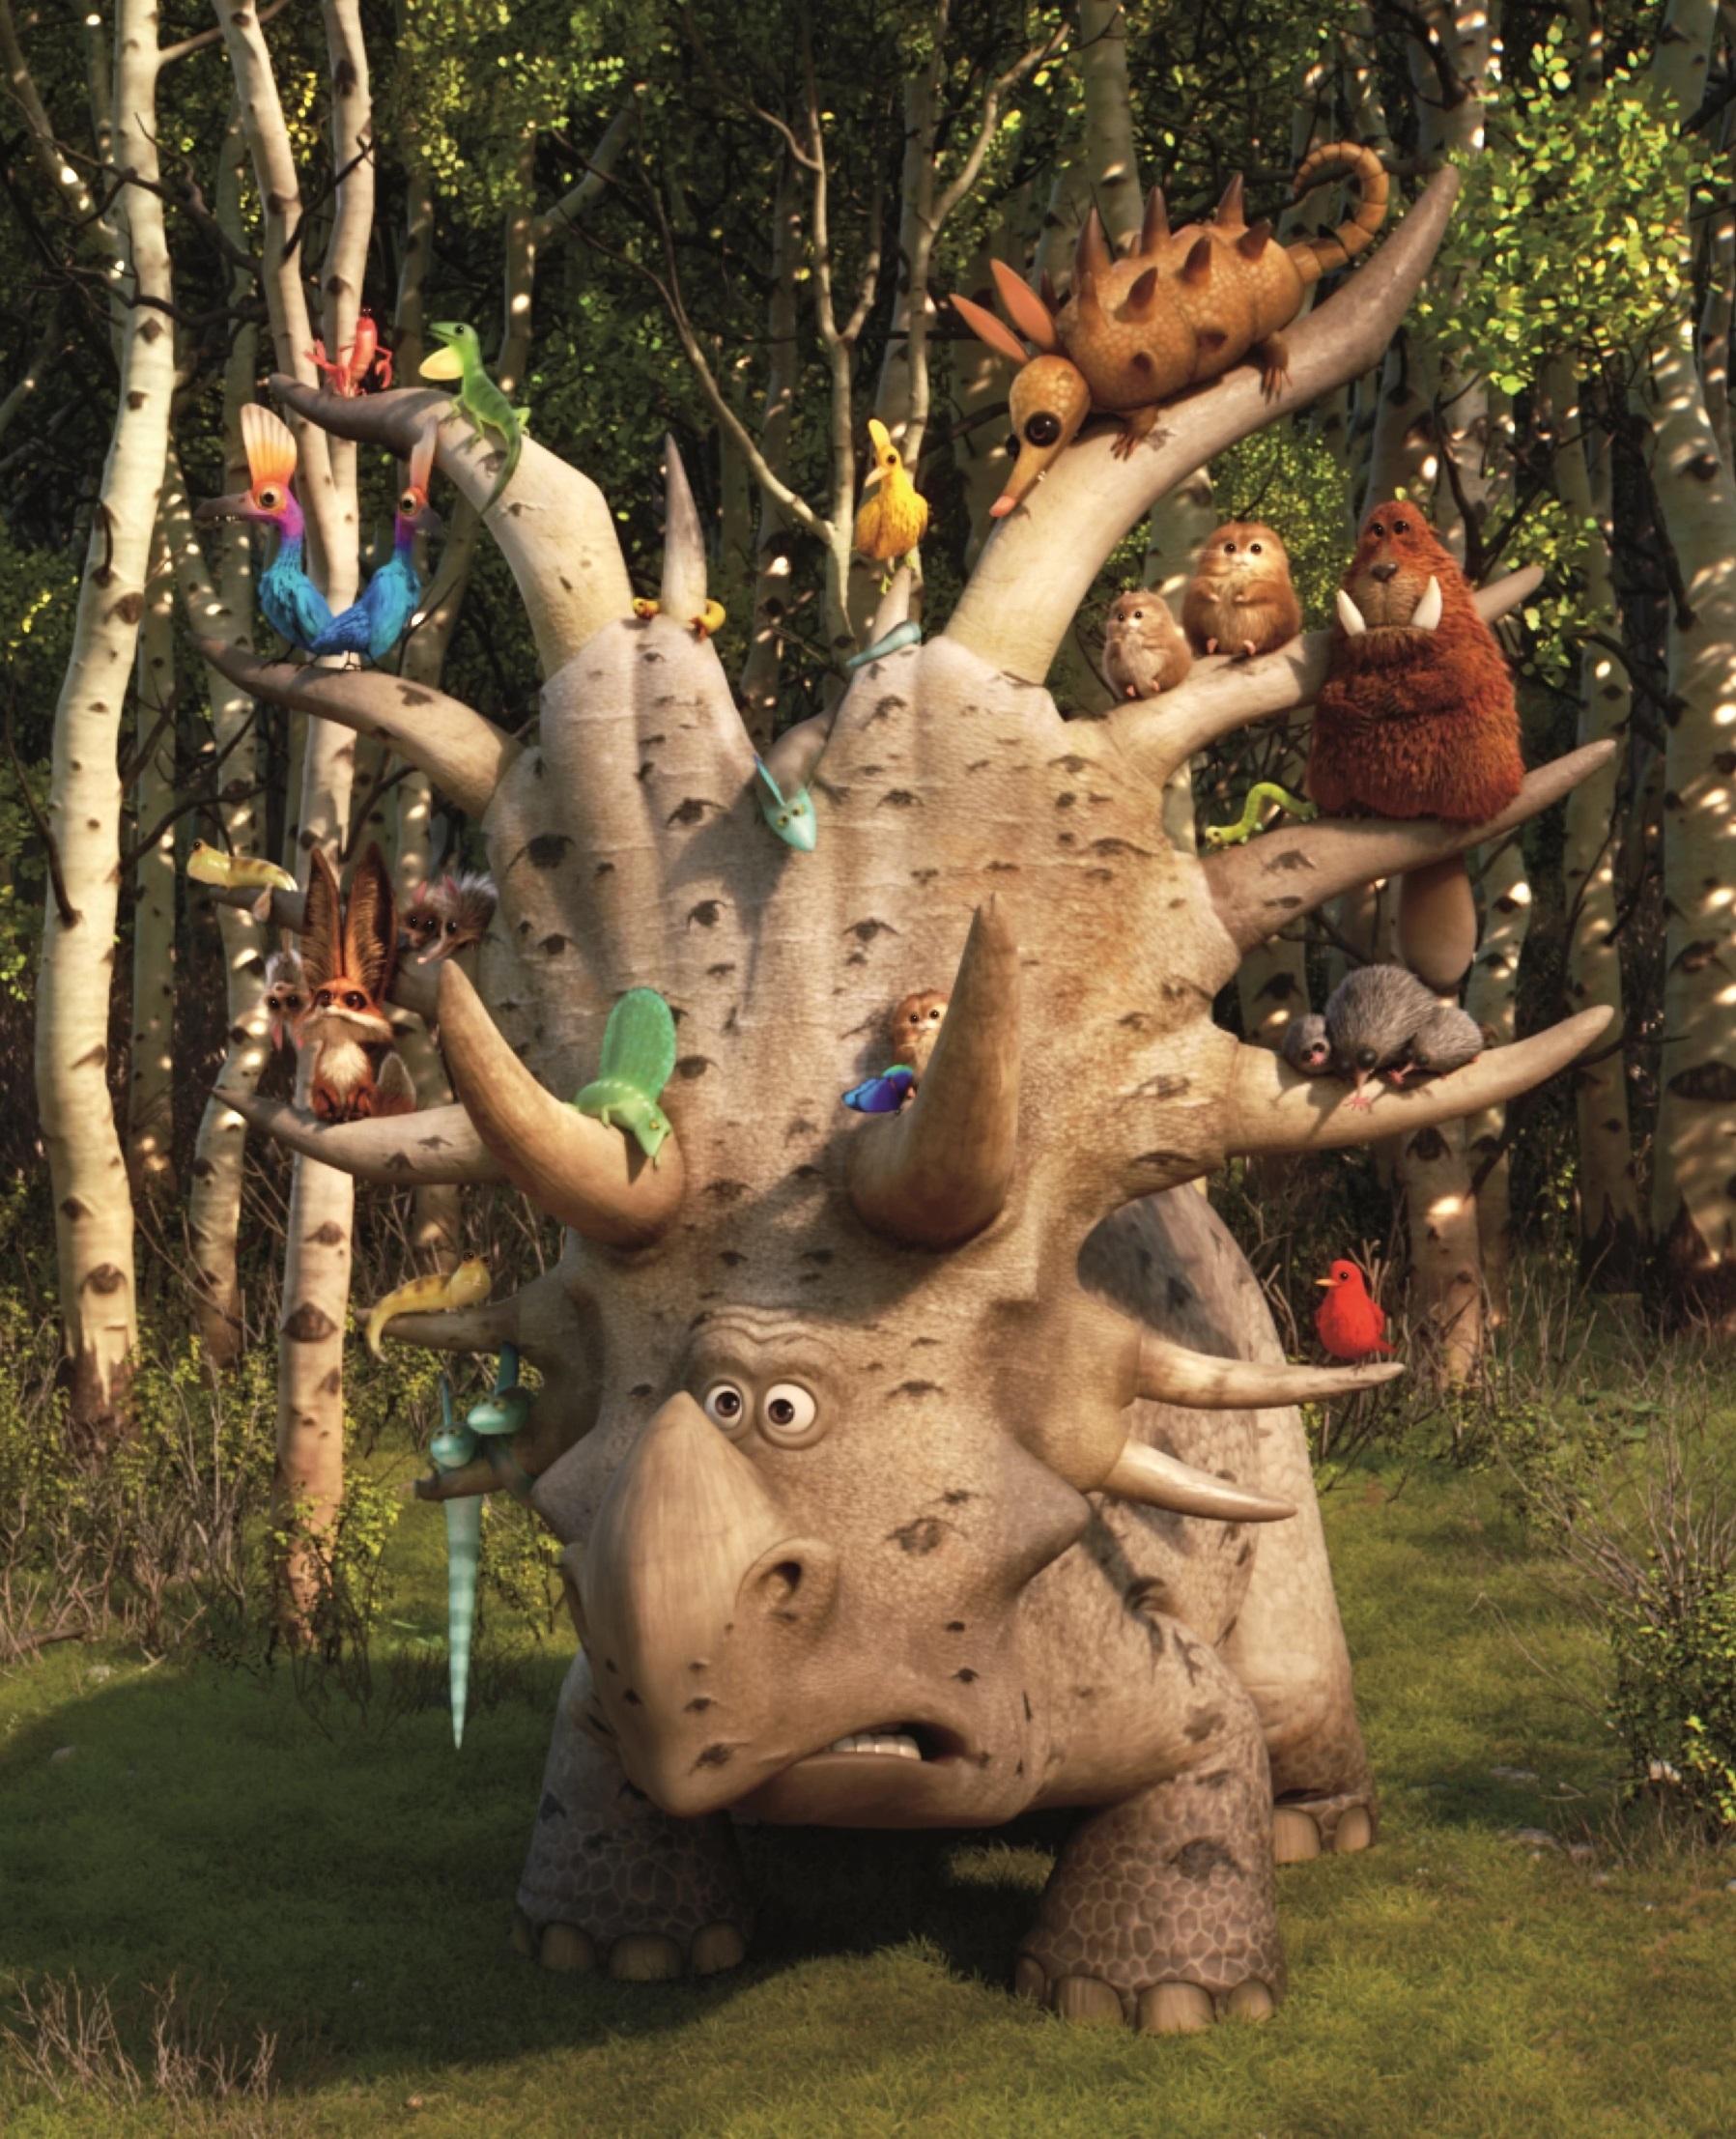 Forrest Woodbush